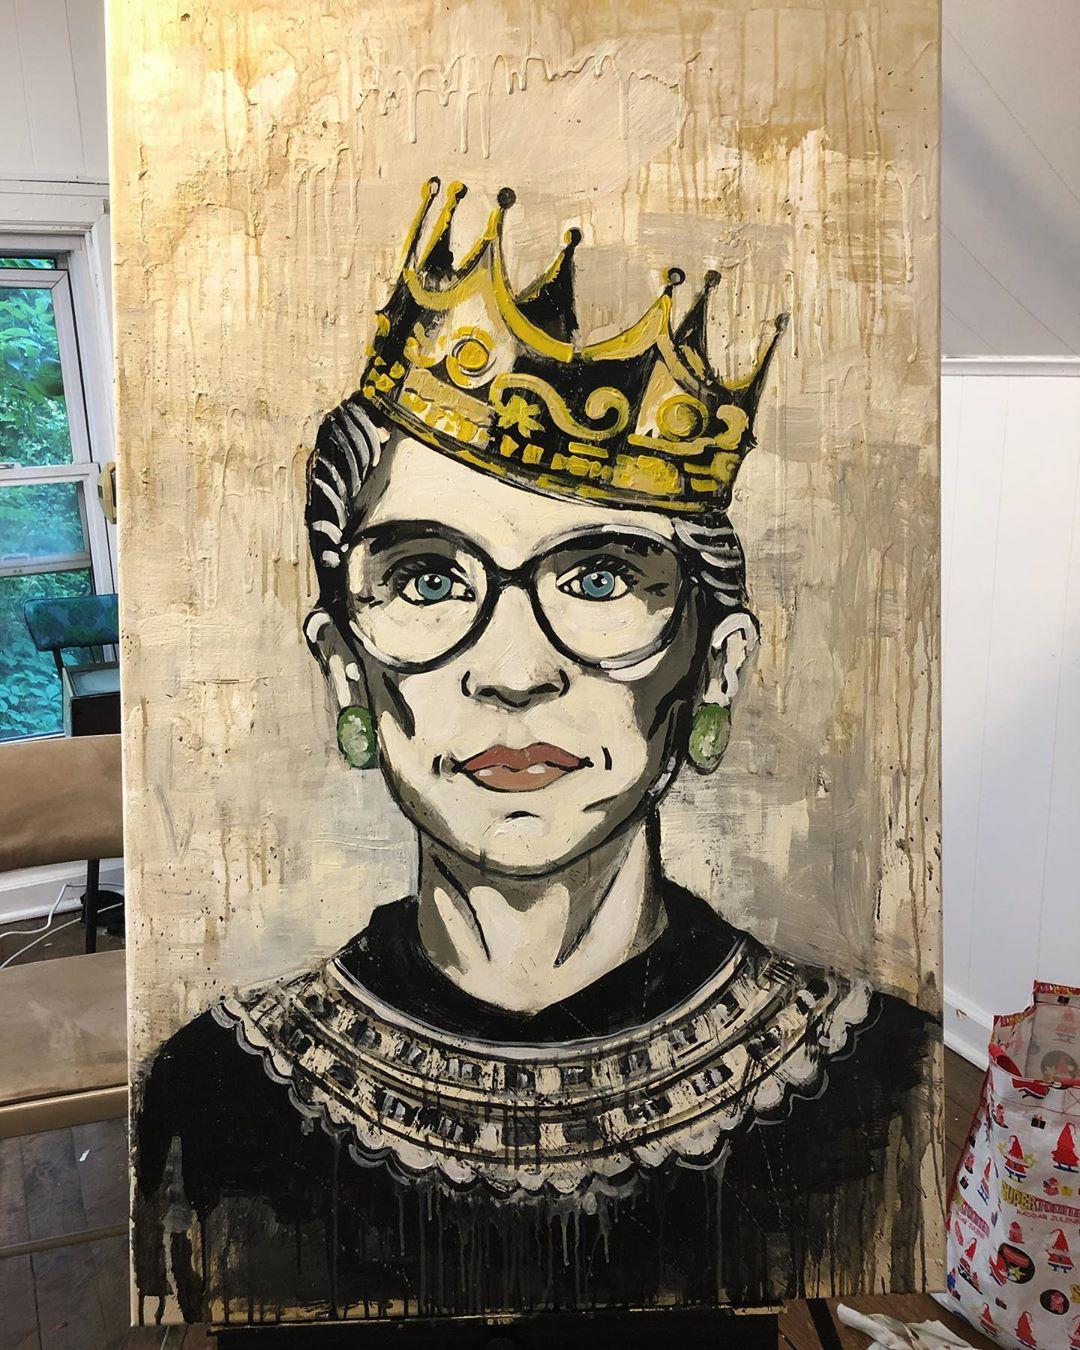 Ruth Bader Ginsburg Mural by Kim Radford